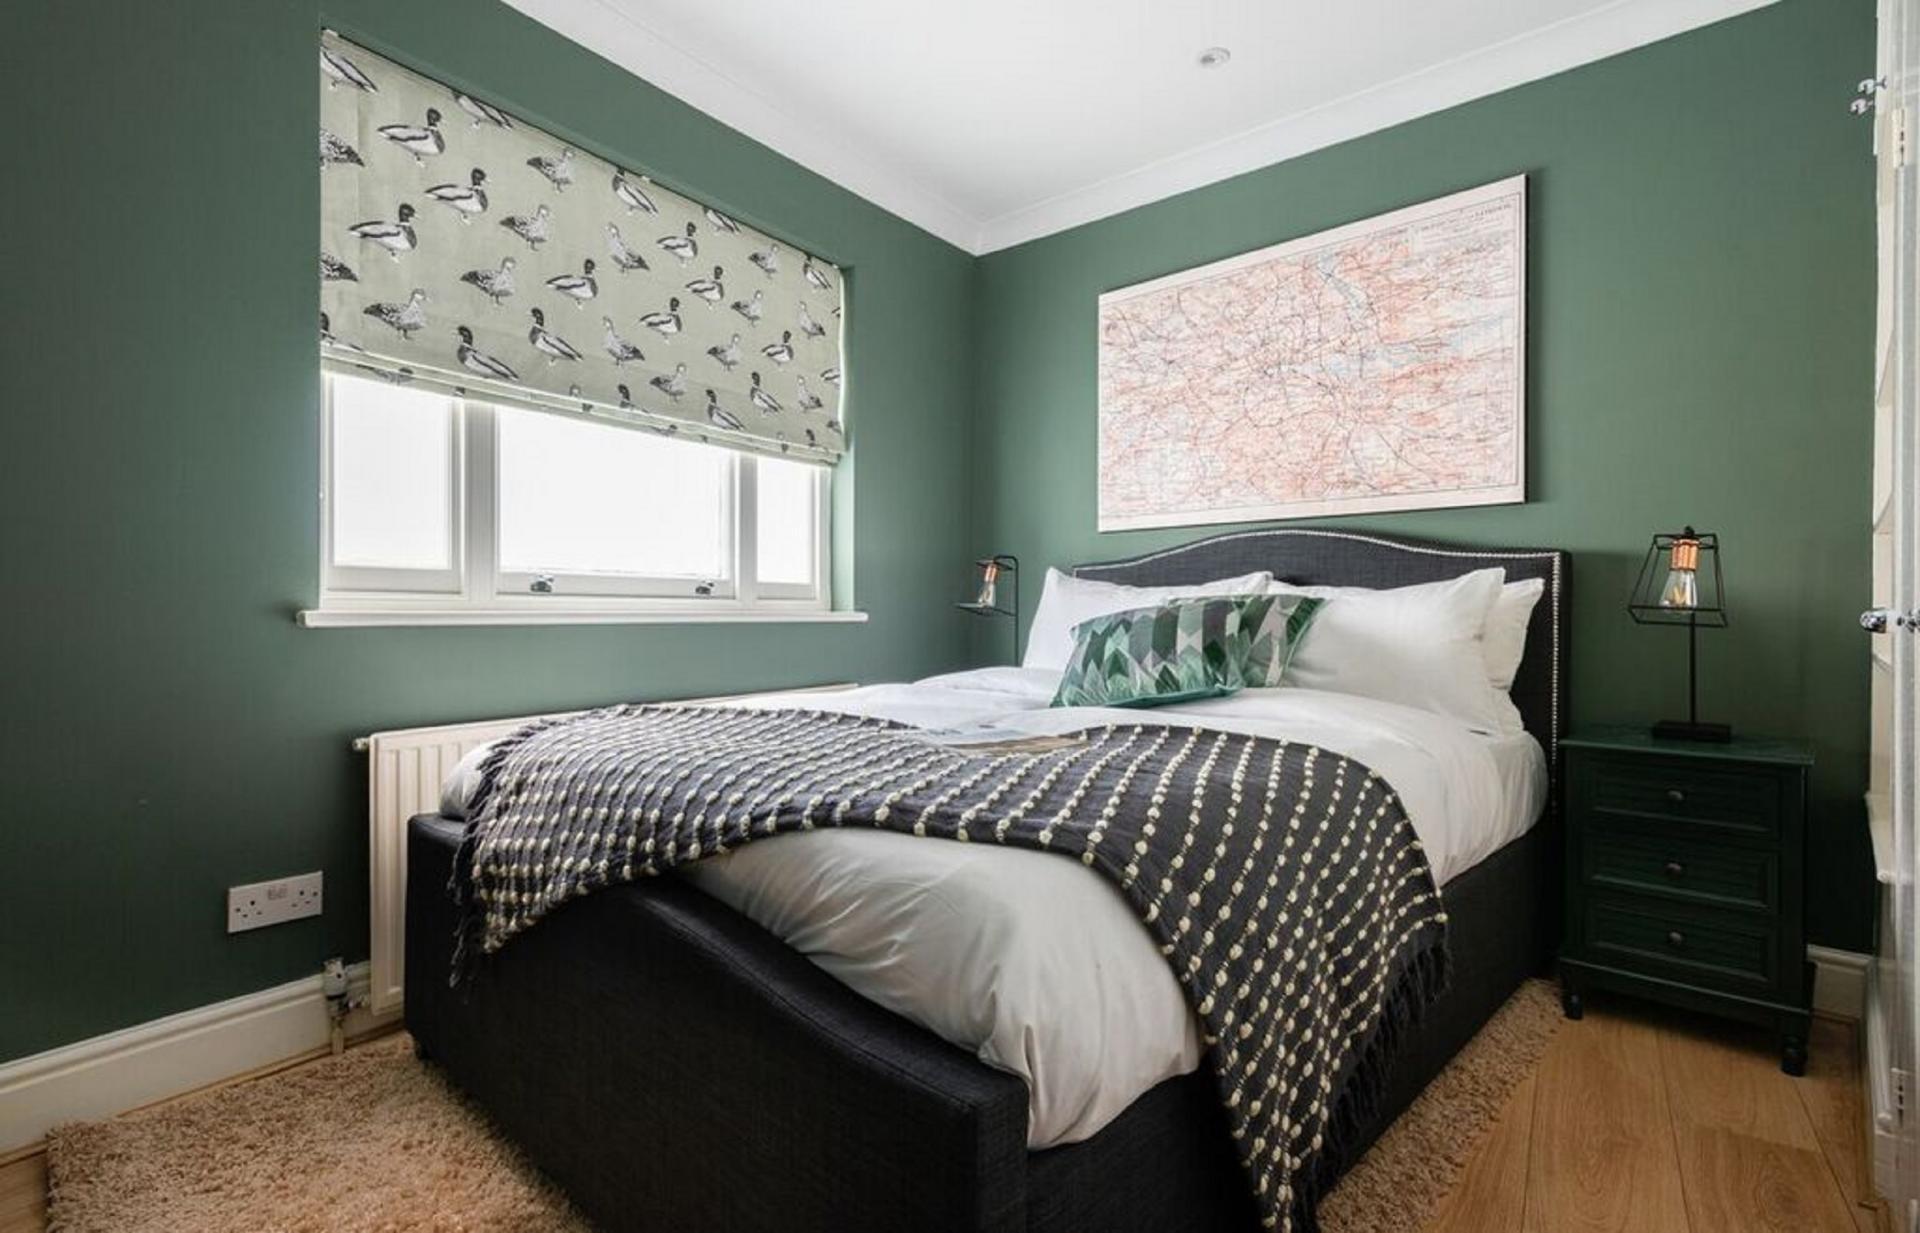 Green walls at The Kensington Palace Mews, Kensington, London - Citybase Apartments